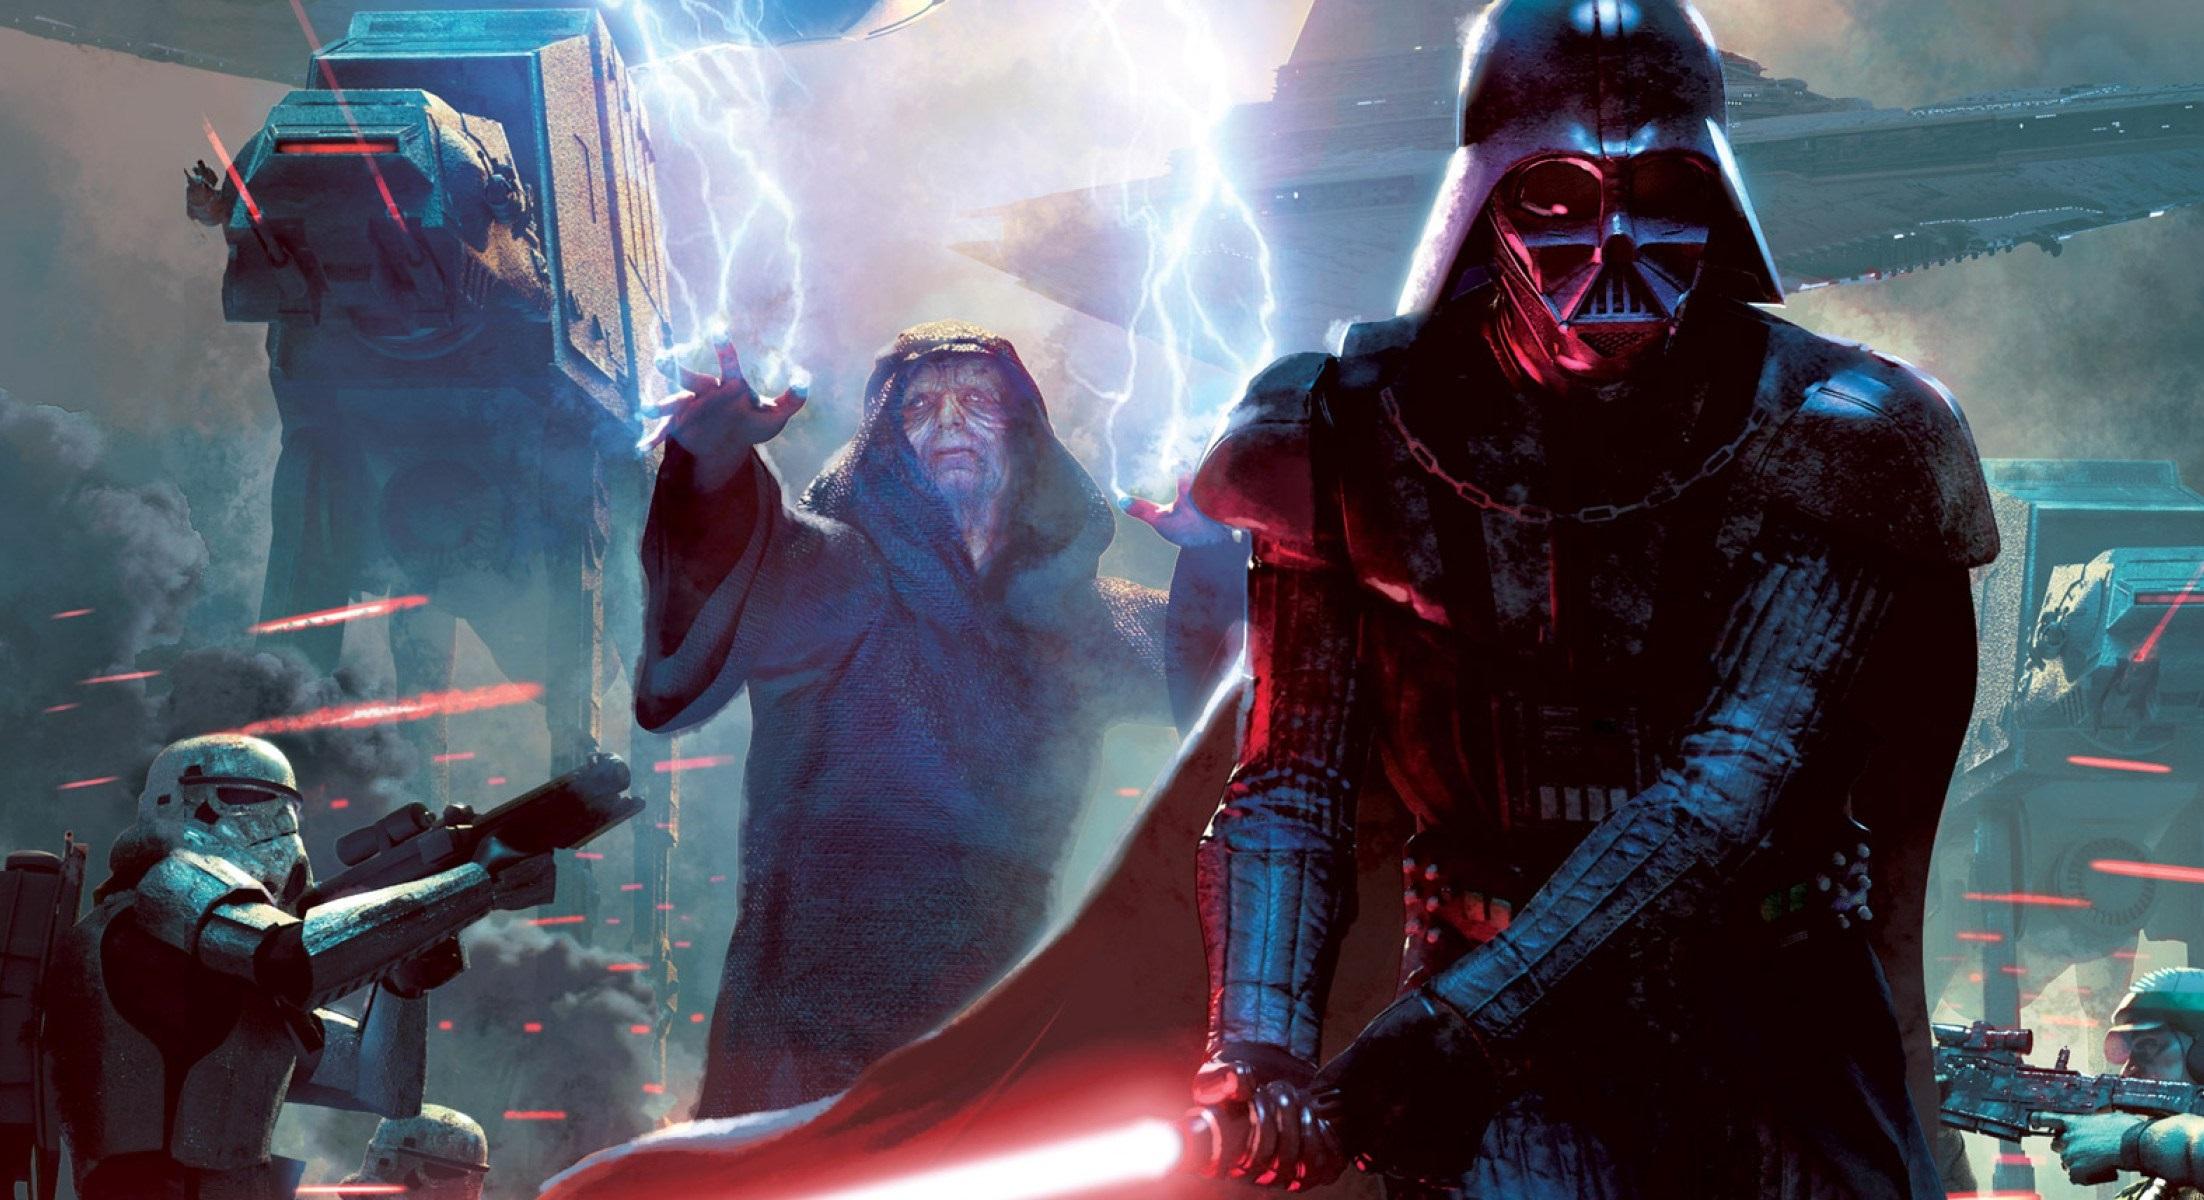 Nelle librerie c'è Star Wars: I Signori dei Sith